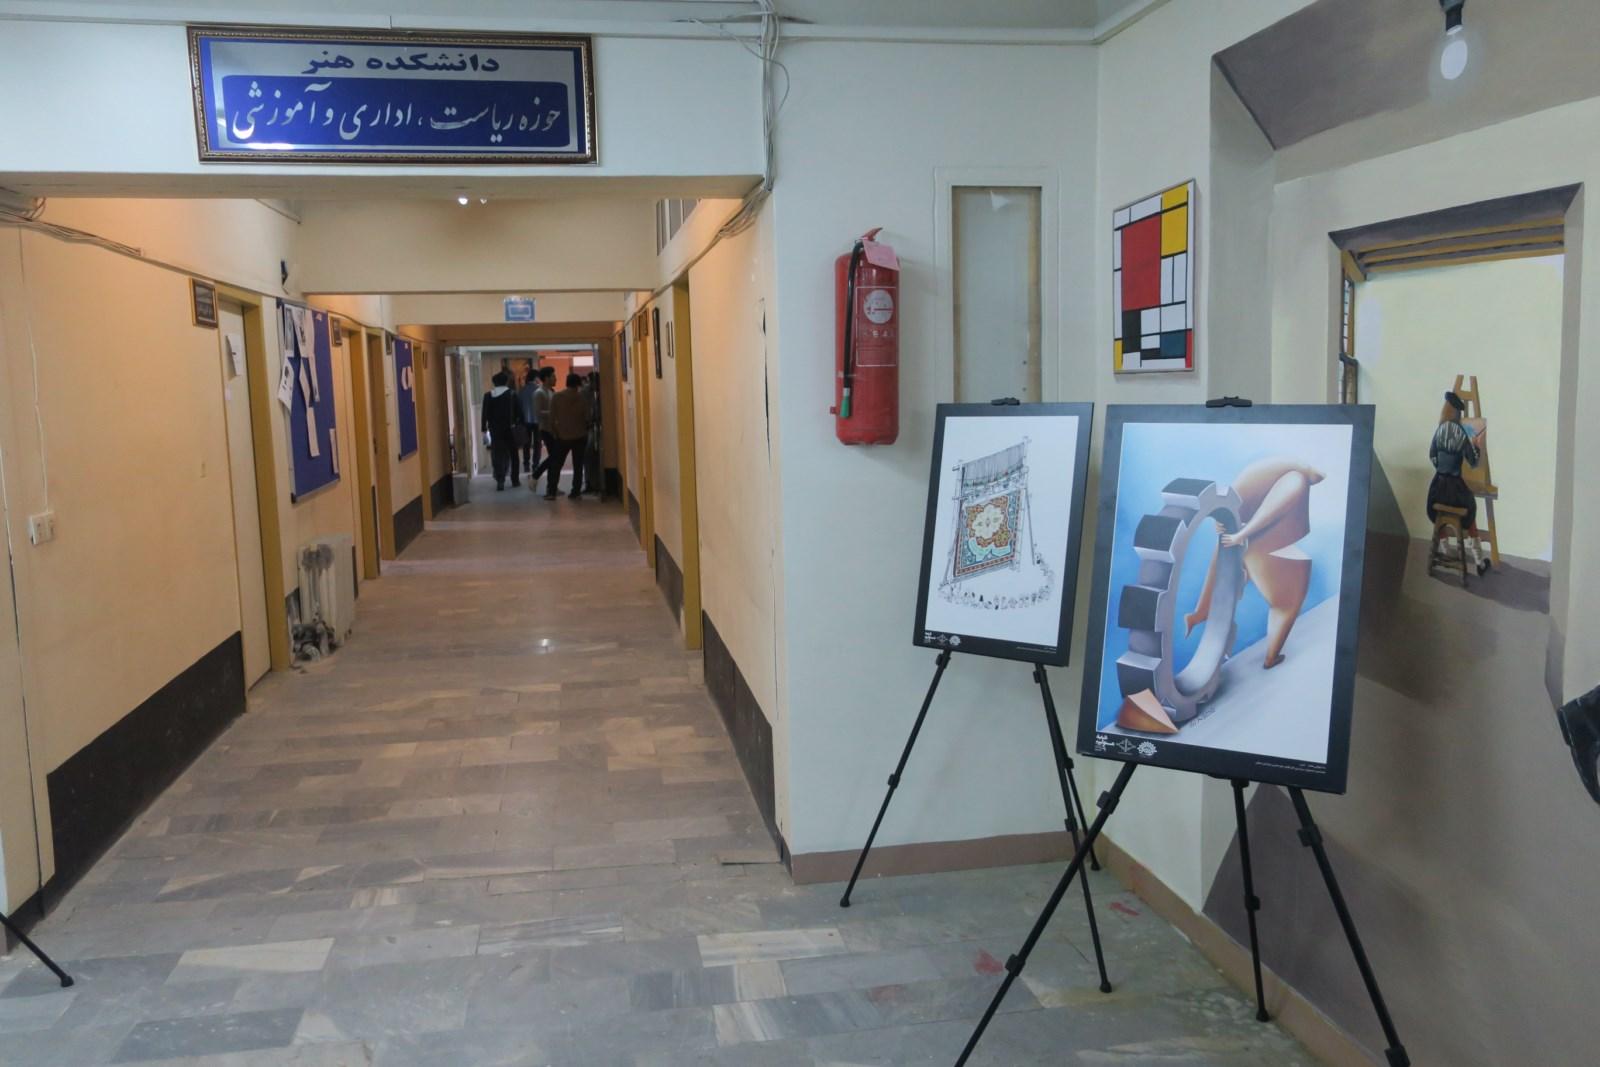 افتتاح نمایشگاه کاریکاتور « همه مسئولیم » در ارومیه